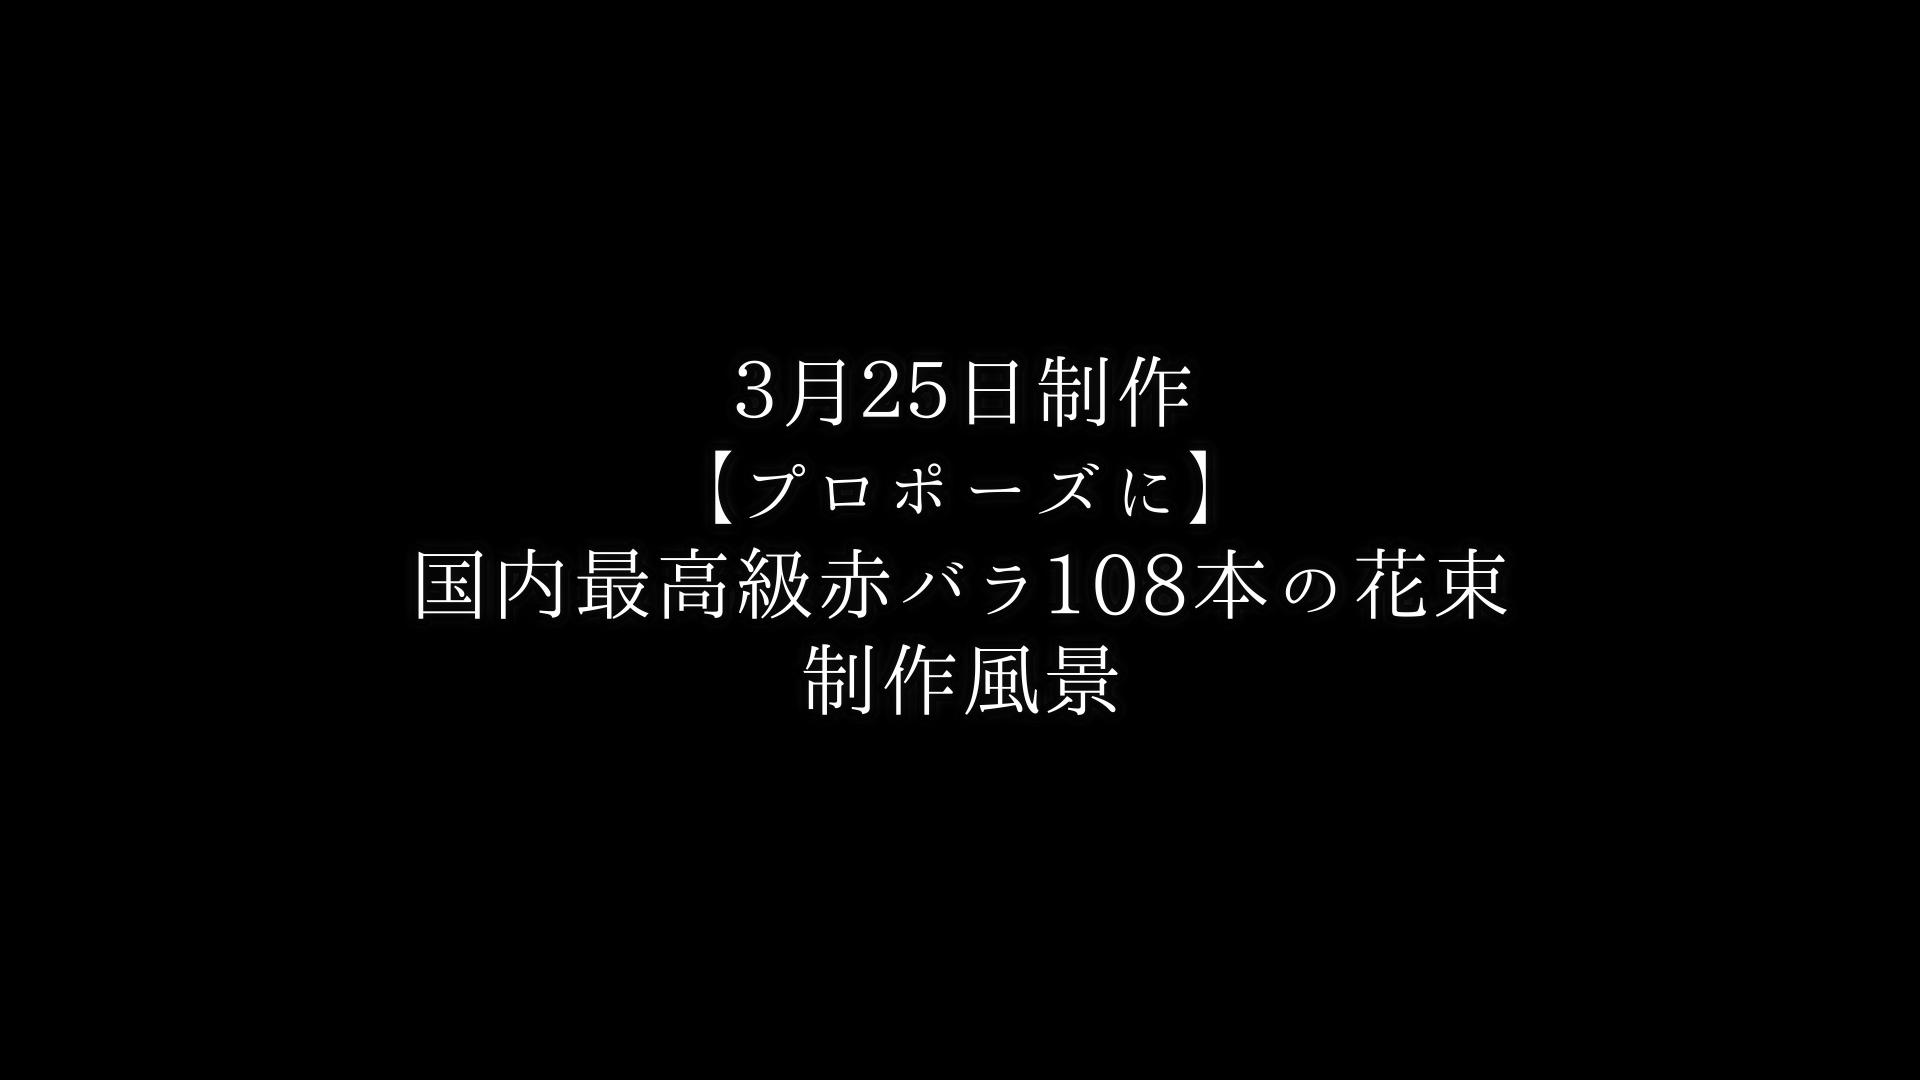 【プロポーズに】バラ108本の花束制作動画 2021/03/25撮影